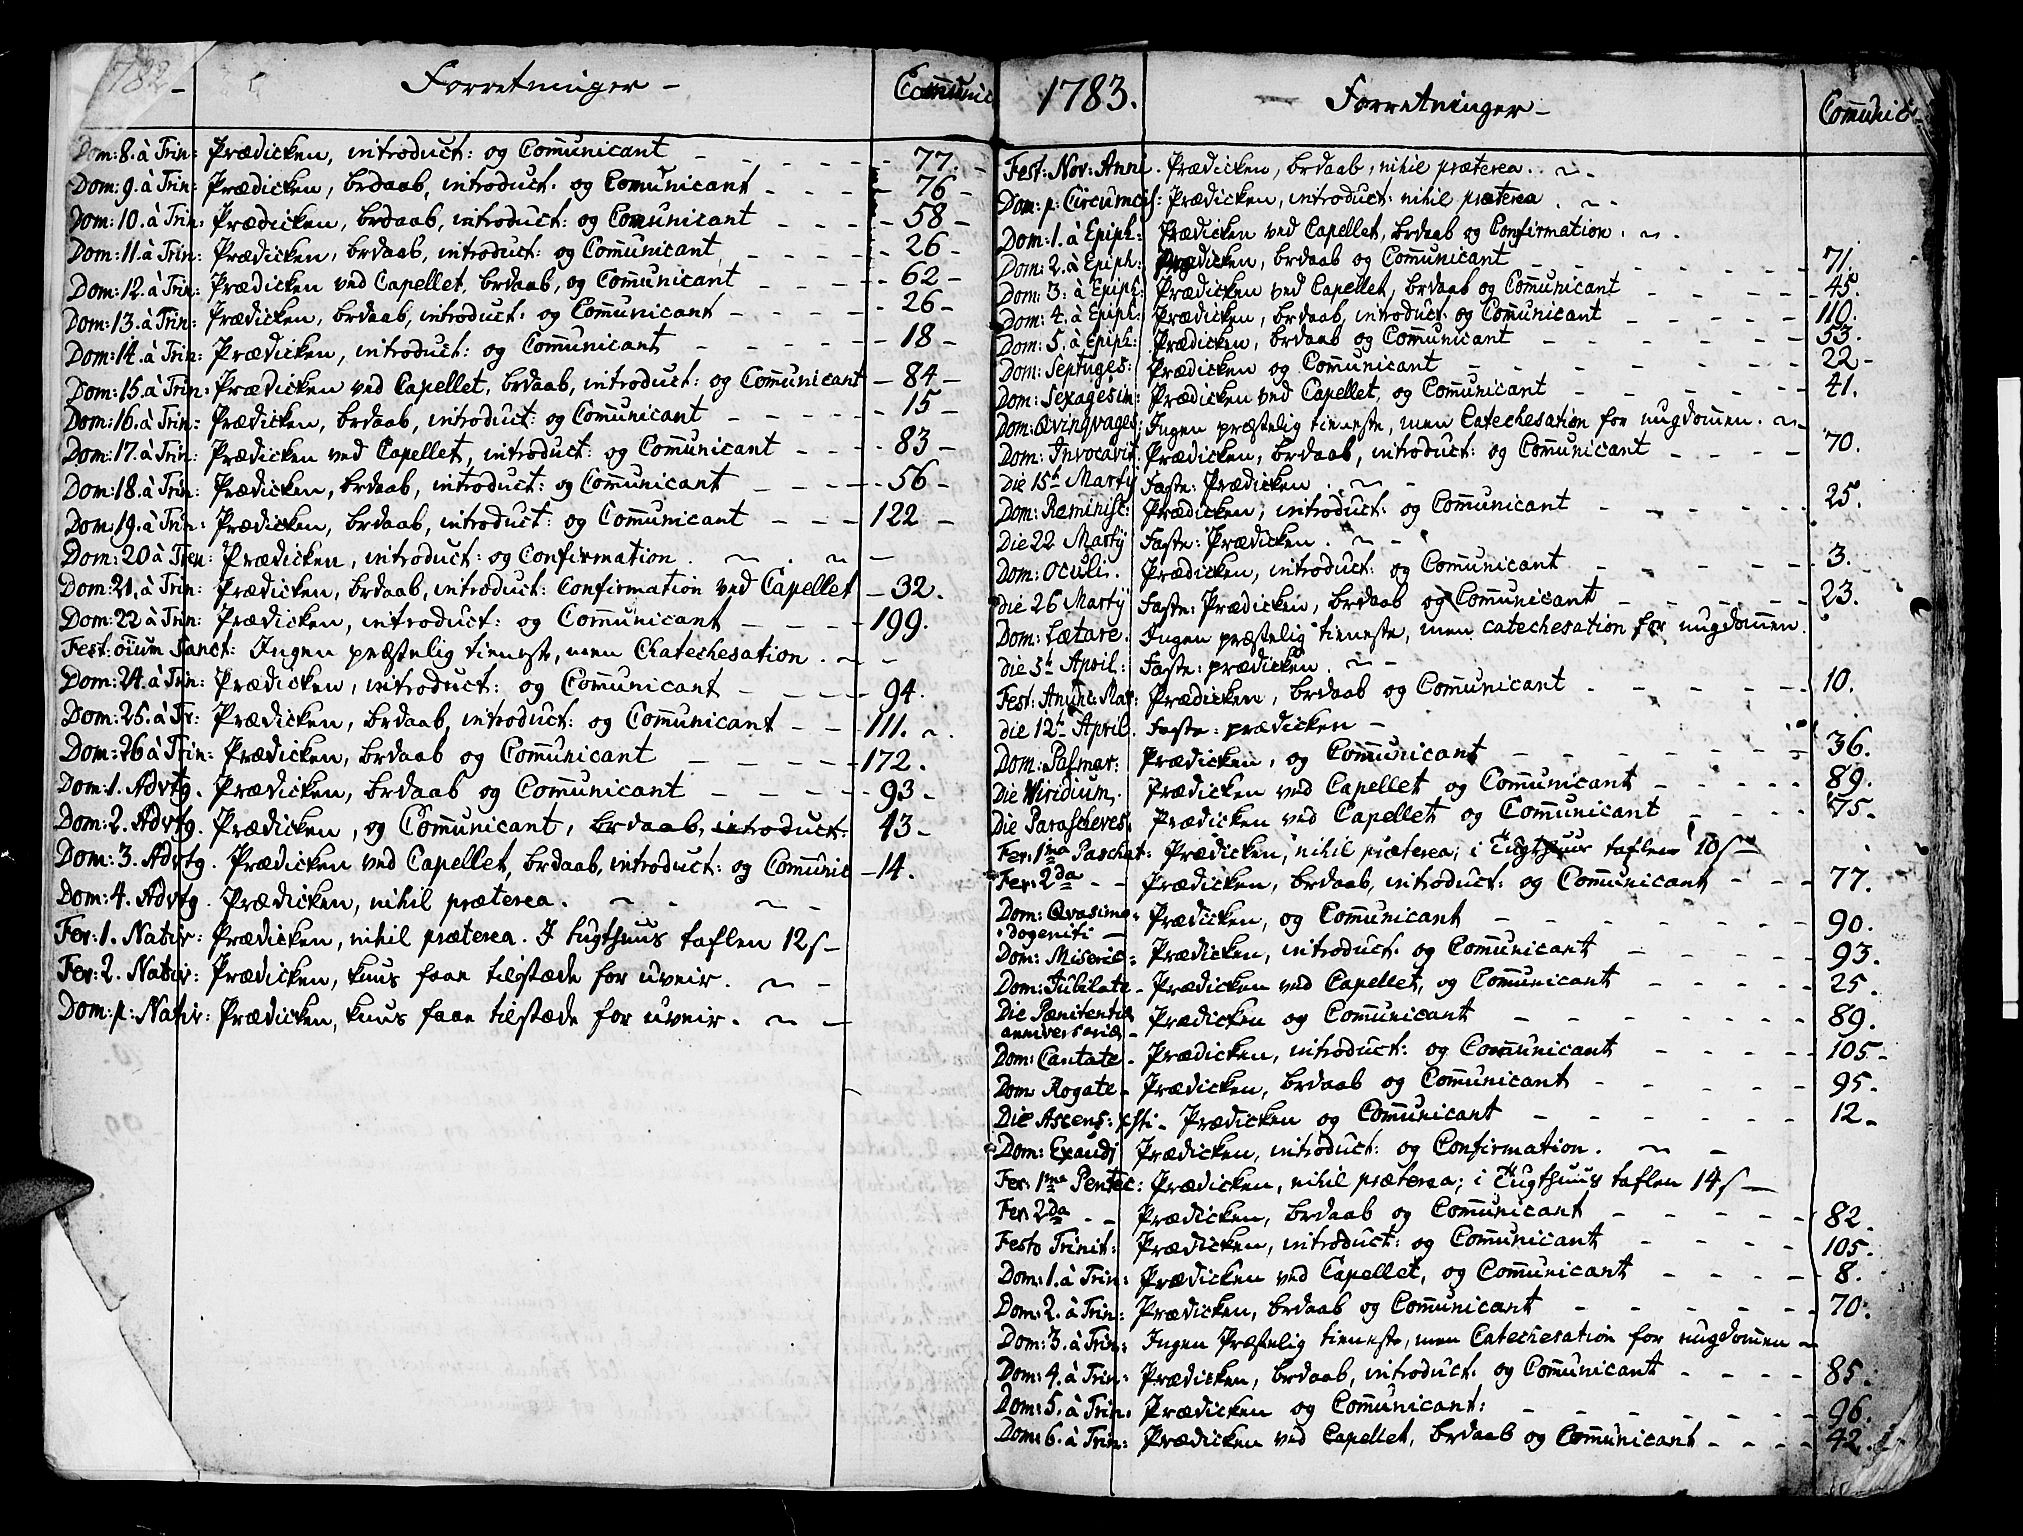 SAT, Ministerialprotokoller, klokkerbøker og fødselsregistre - Sør-Trøndelag, 678/L0892: Ministerialbok nr. 678A02, 1781-1793